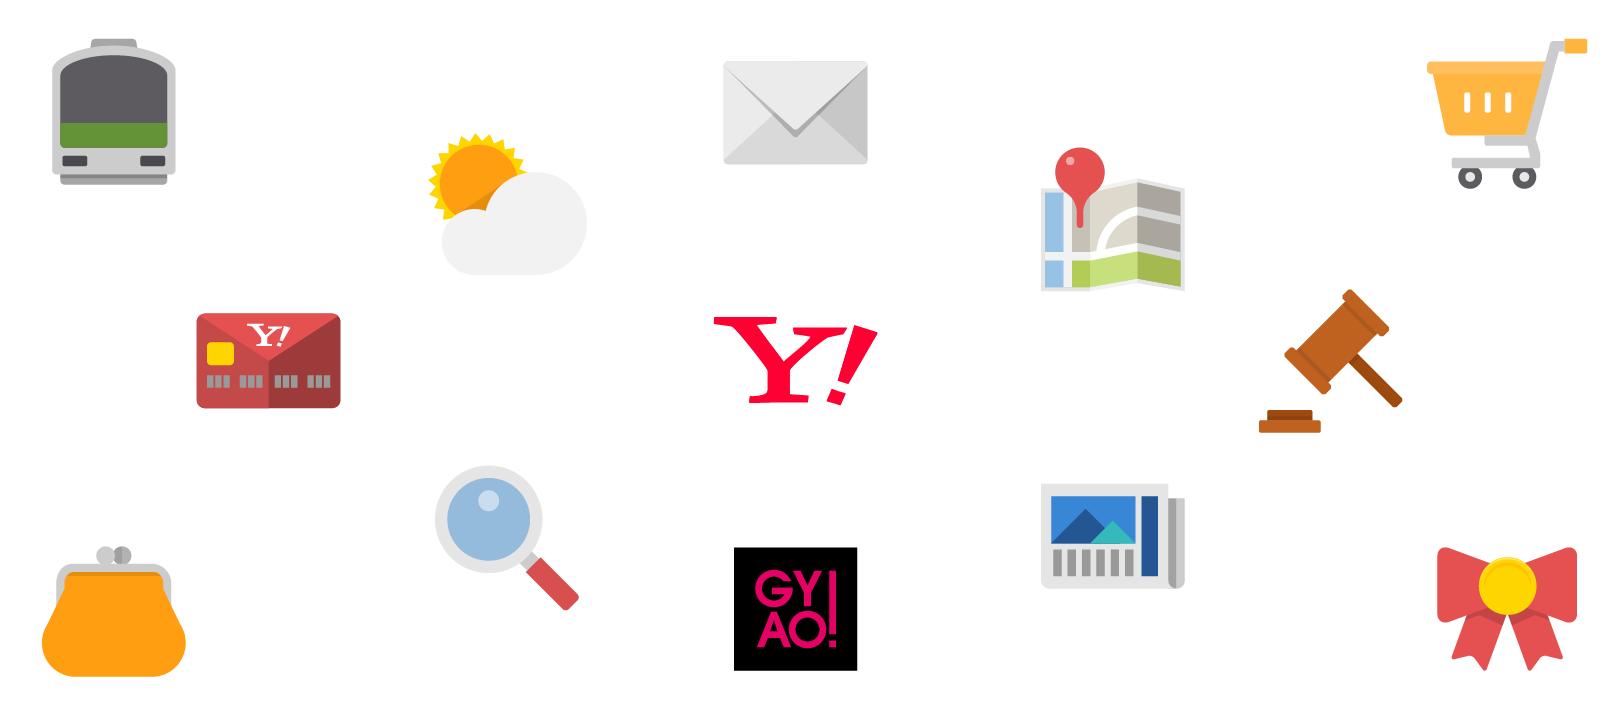 主要サービスアイコンのイメージ画像